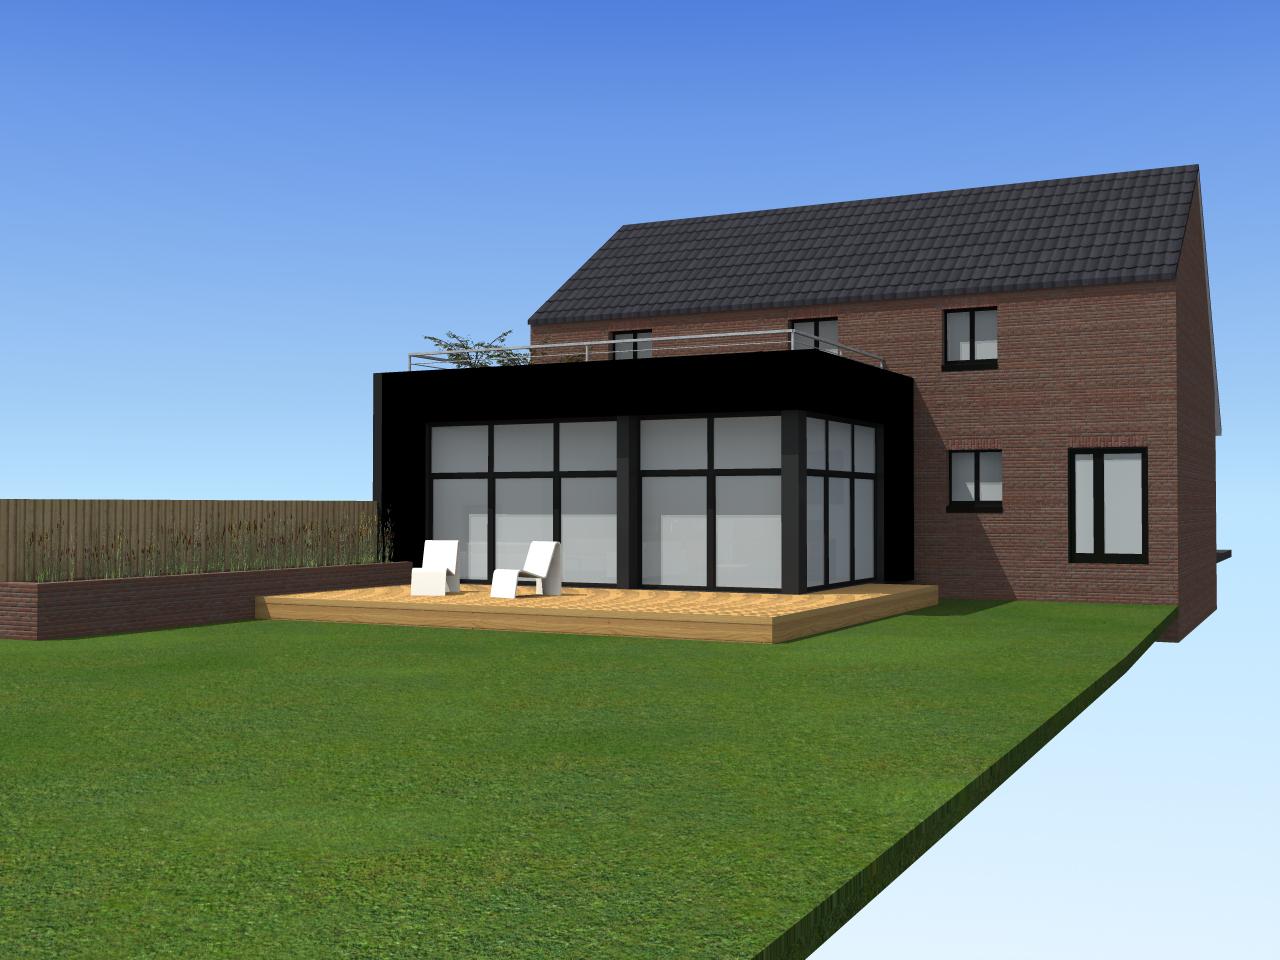 extension d une maison individuelle jeumont amiot arnoux architectes. Black Bedroom Furniture Sets. Home Design Ideas